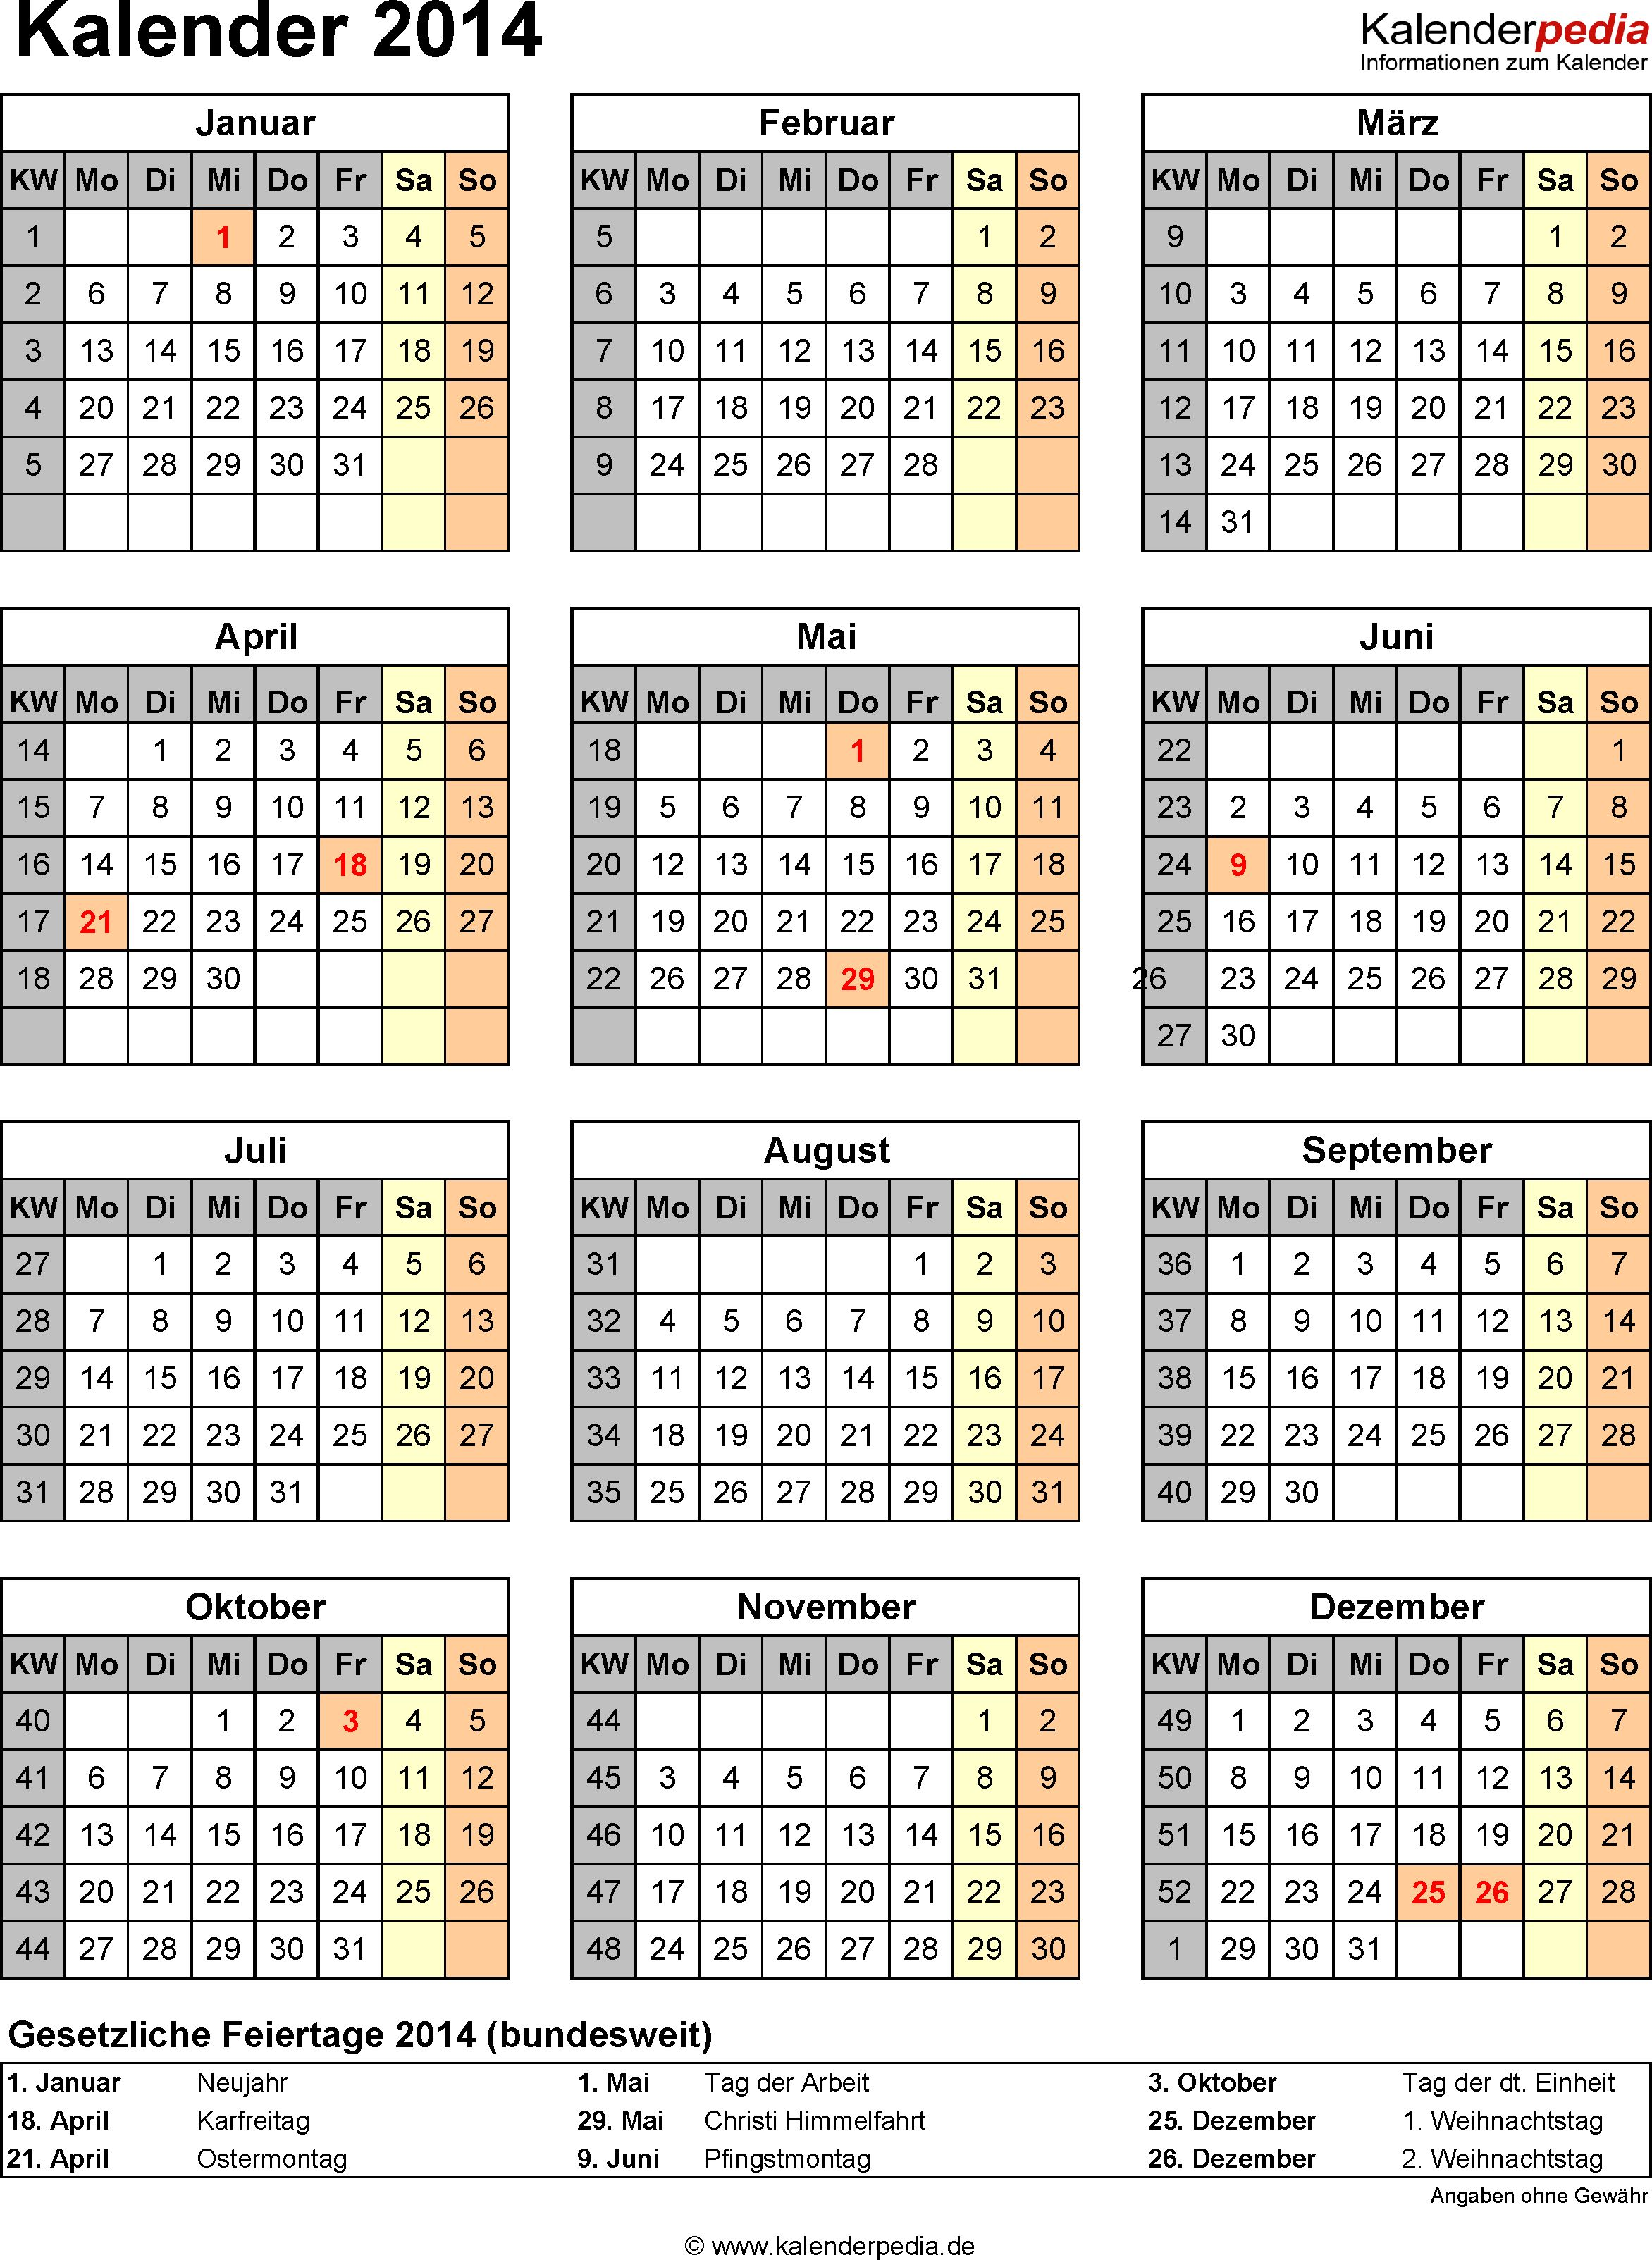 Kalender 2014 mit Feiertagen und Kalenderwochen